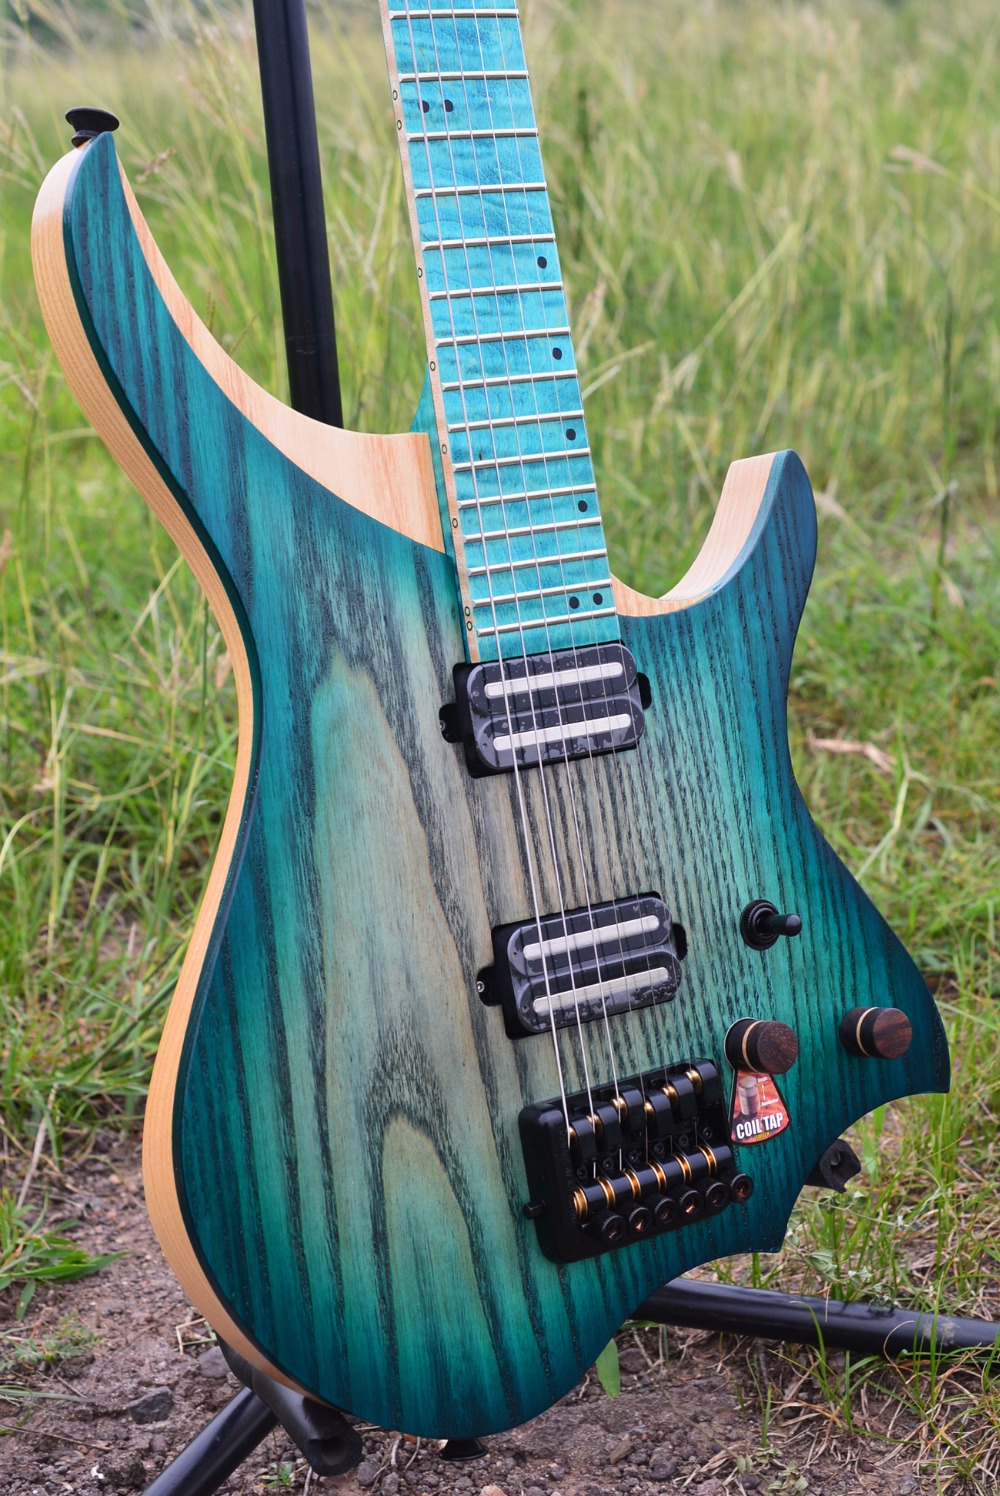 NK Sans Tête Guitare Électrique steinberger style Modèle blue burst Couleur Flamme manche érable en stock Guitare livraison gratuite